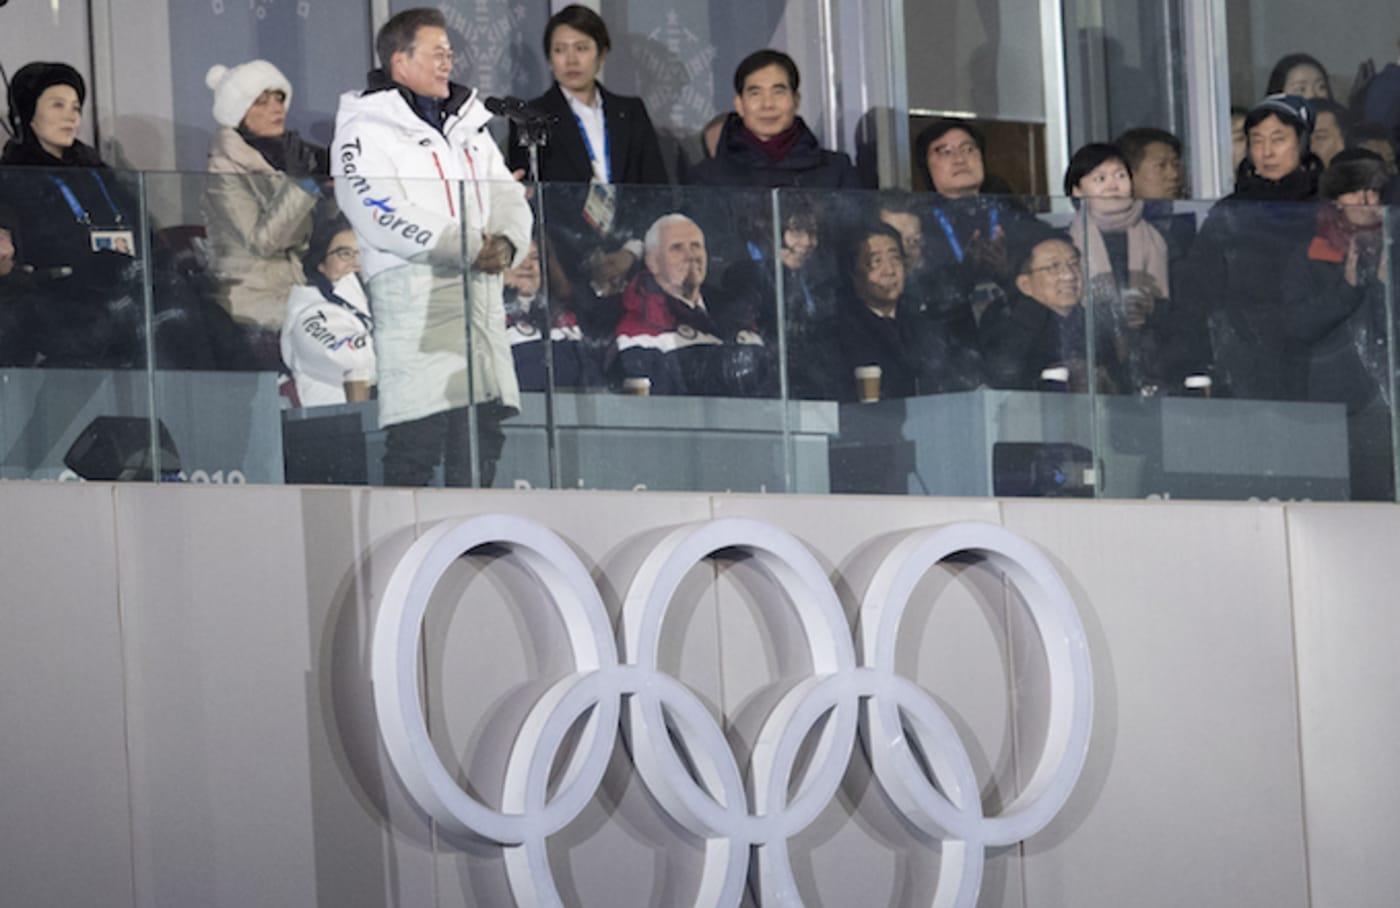 Moon Jai in at Olympics